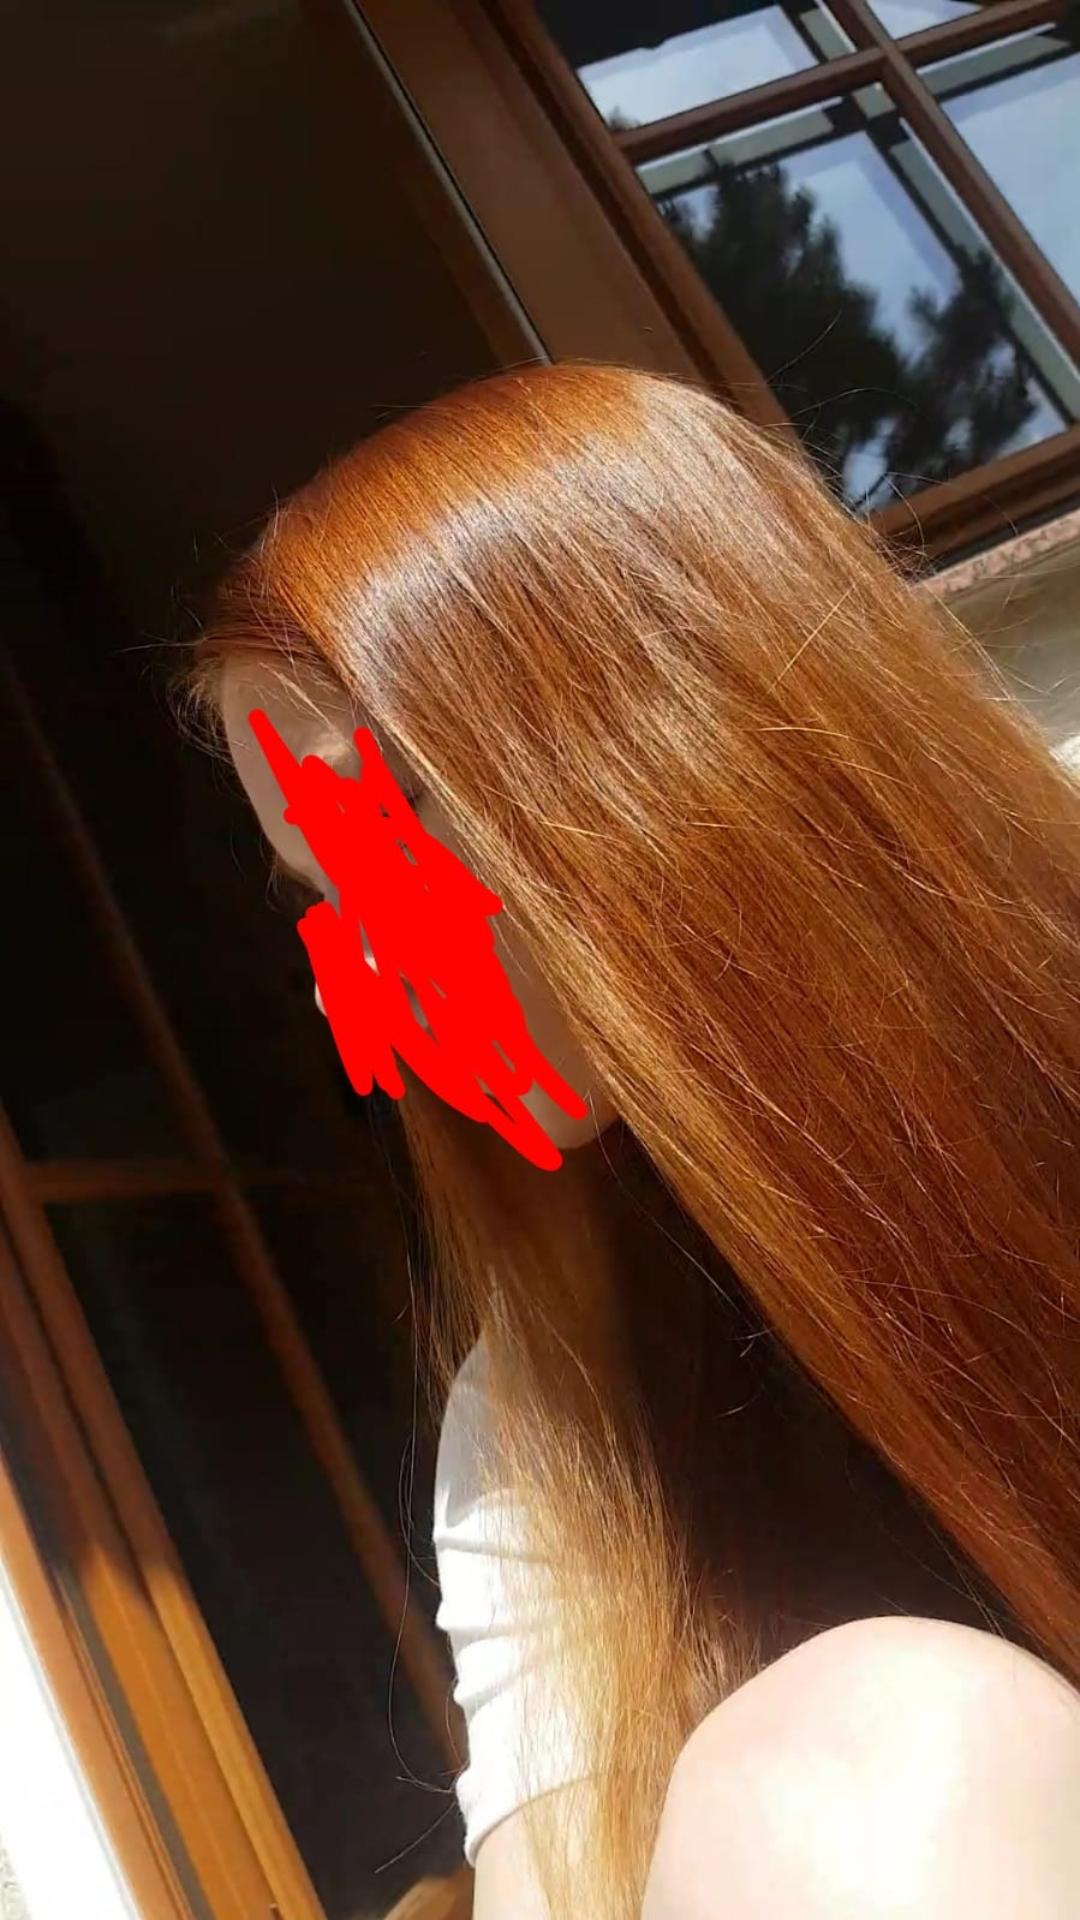 We lange hält Henna Haarfarbe- rot? (Gesundheit, Haare)